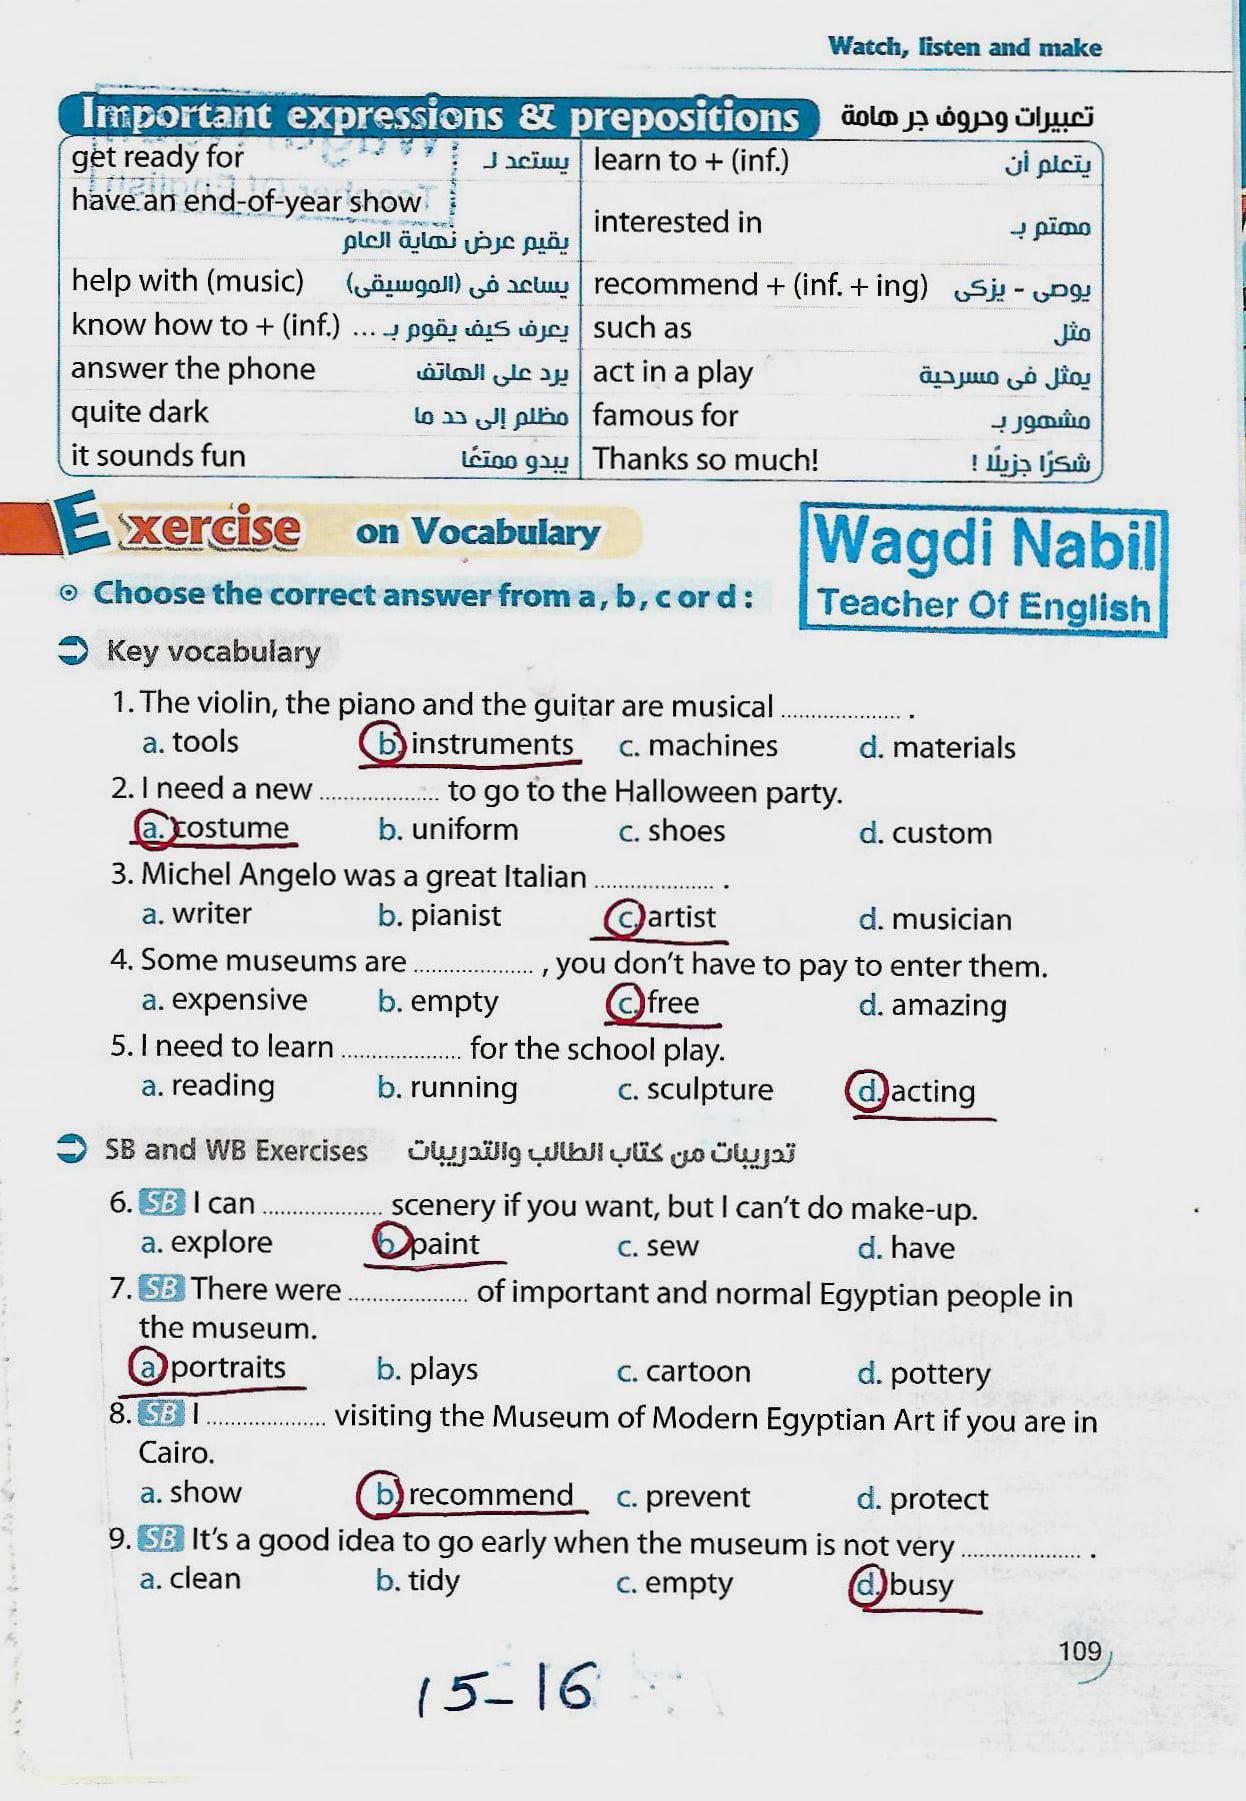 """مراجعة لغة انجليزية """"منهج أبريل"""" للصف الثاني الإعدادي بالحلول أ/ وجدي نبيل 3"""